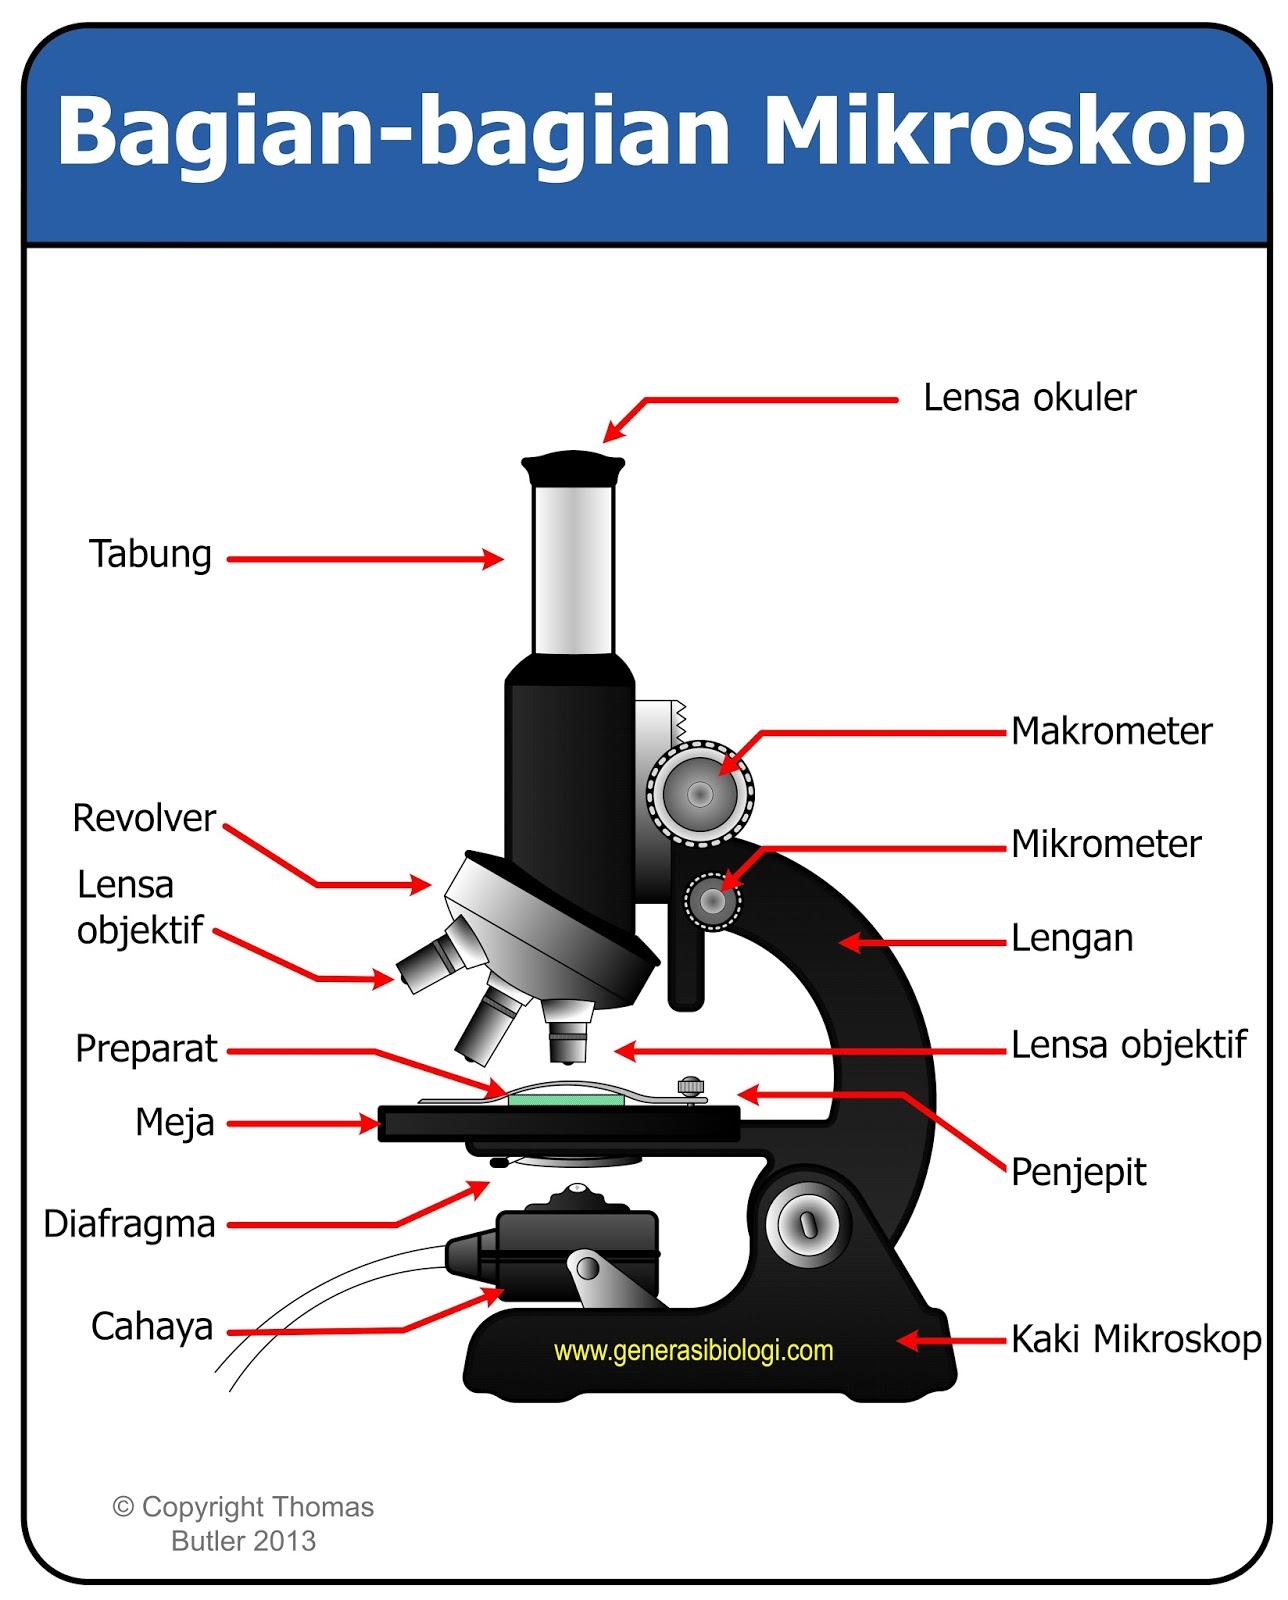 Macam Macam Mikroskop Dan Fungsinya Materi Lengkap